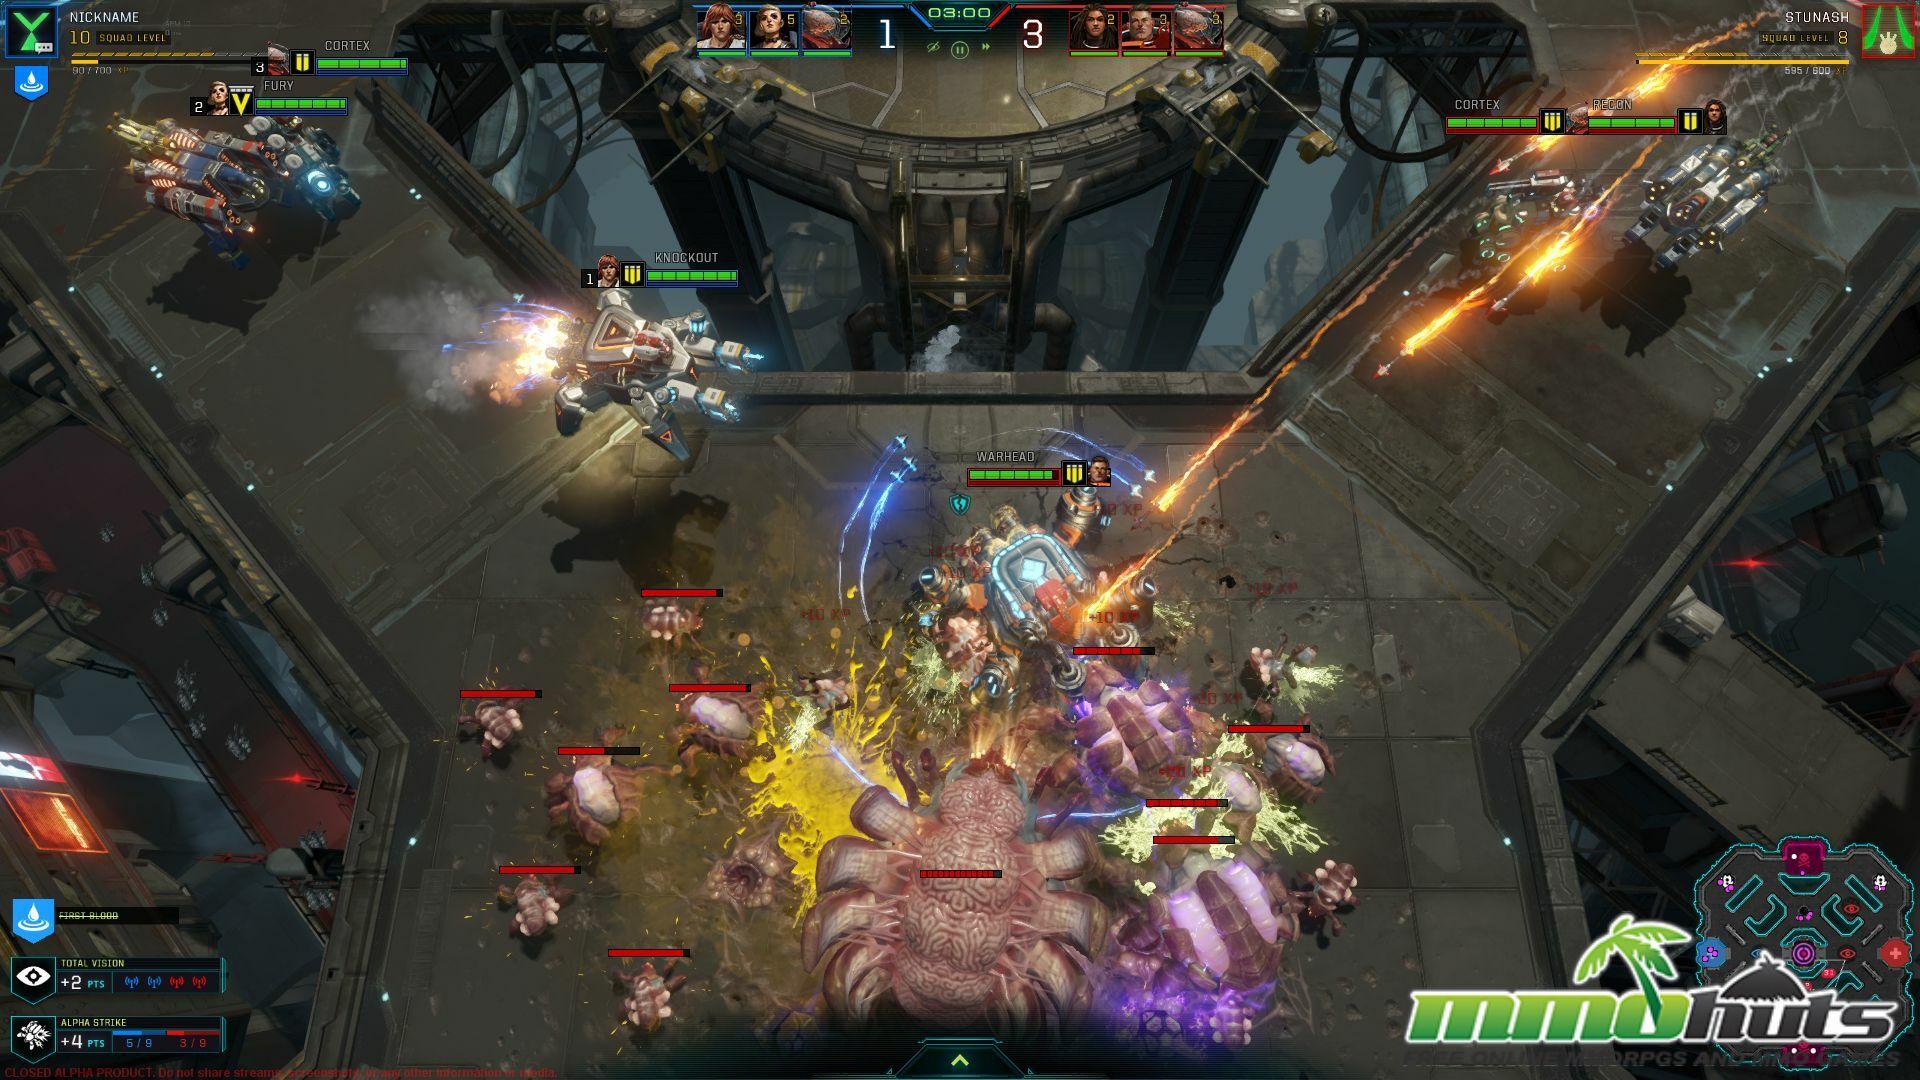 Dropzone - E3 2016 Day 3 Preview